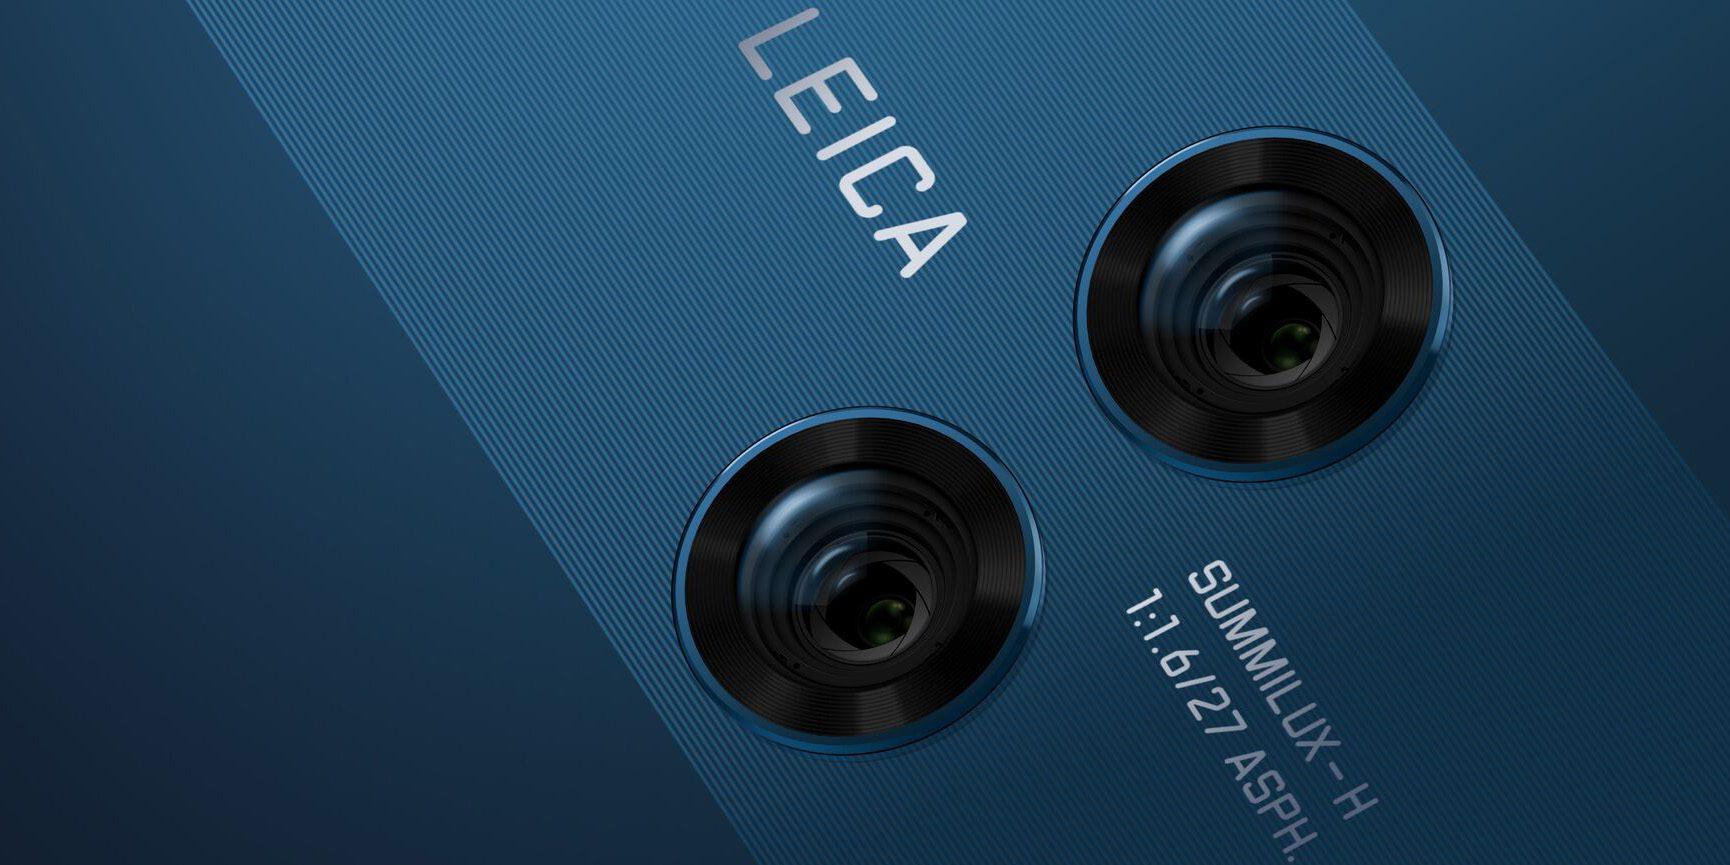 Mate 10 lecia cameras